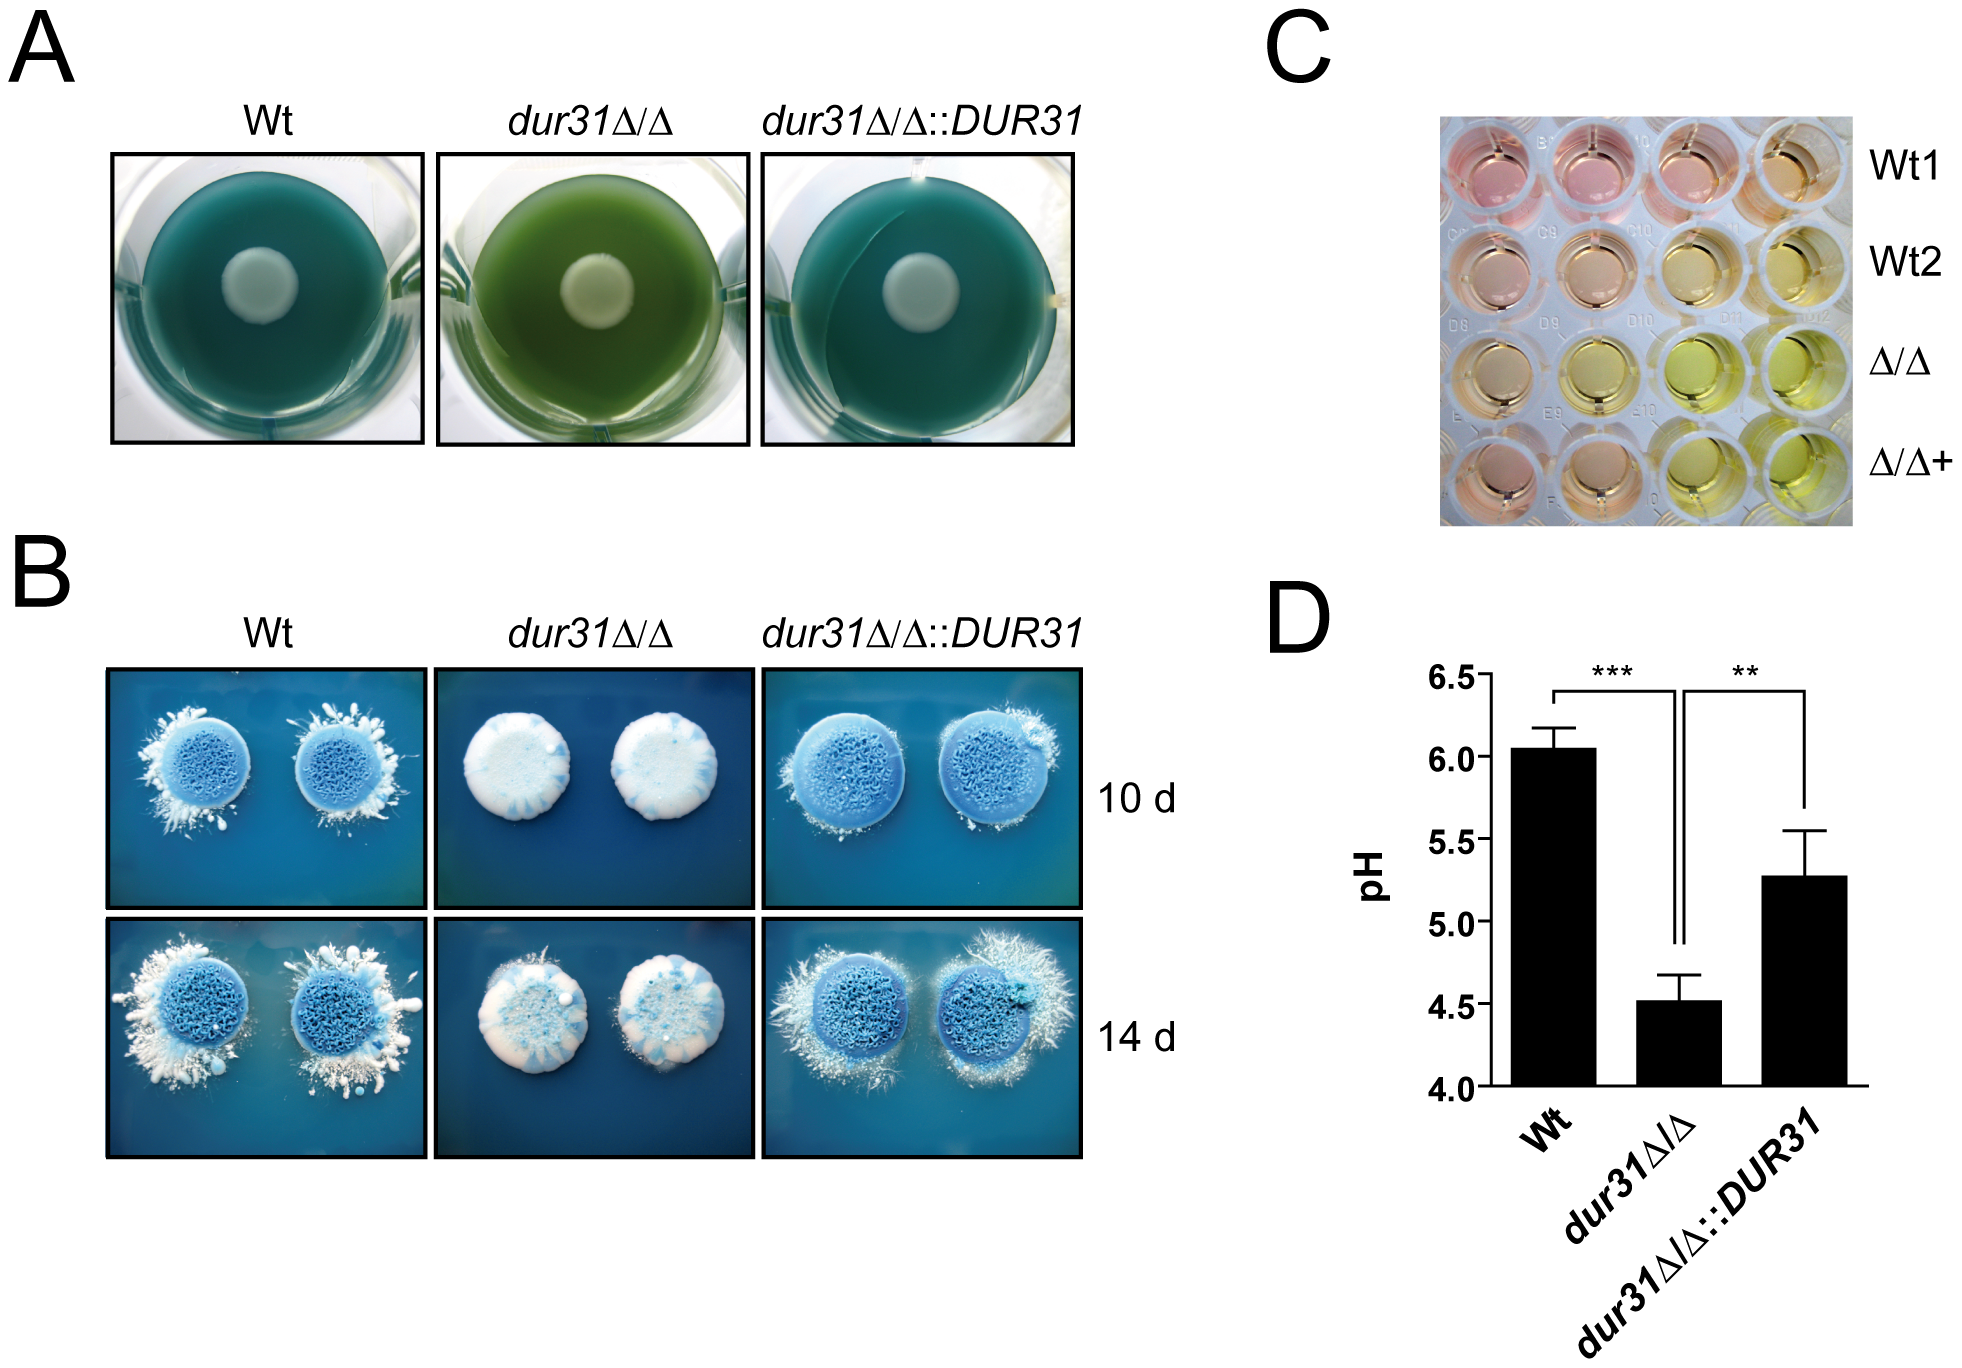 Dur31 mediates extracellular alkalinization.